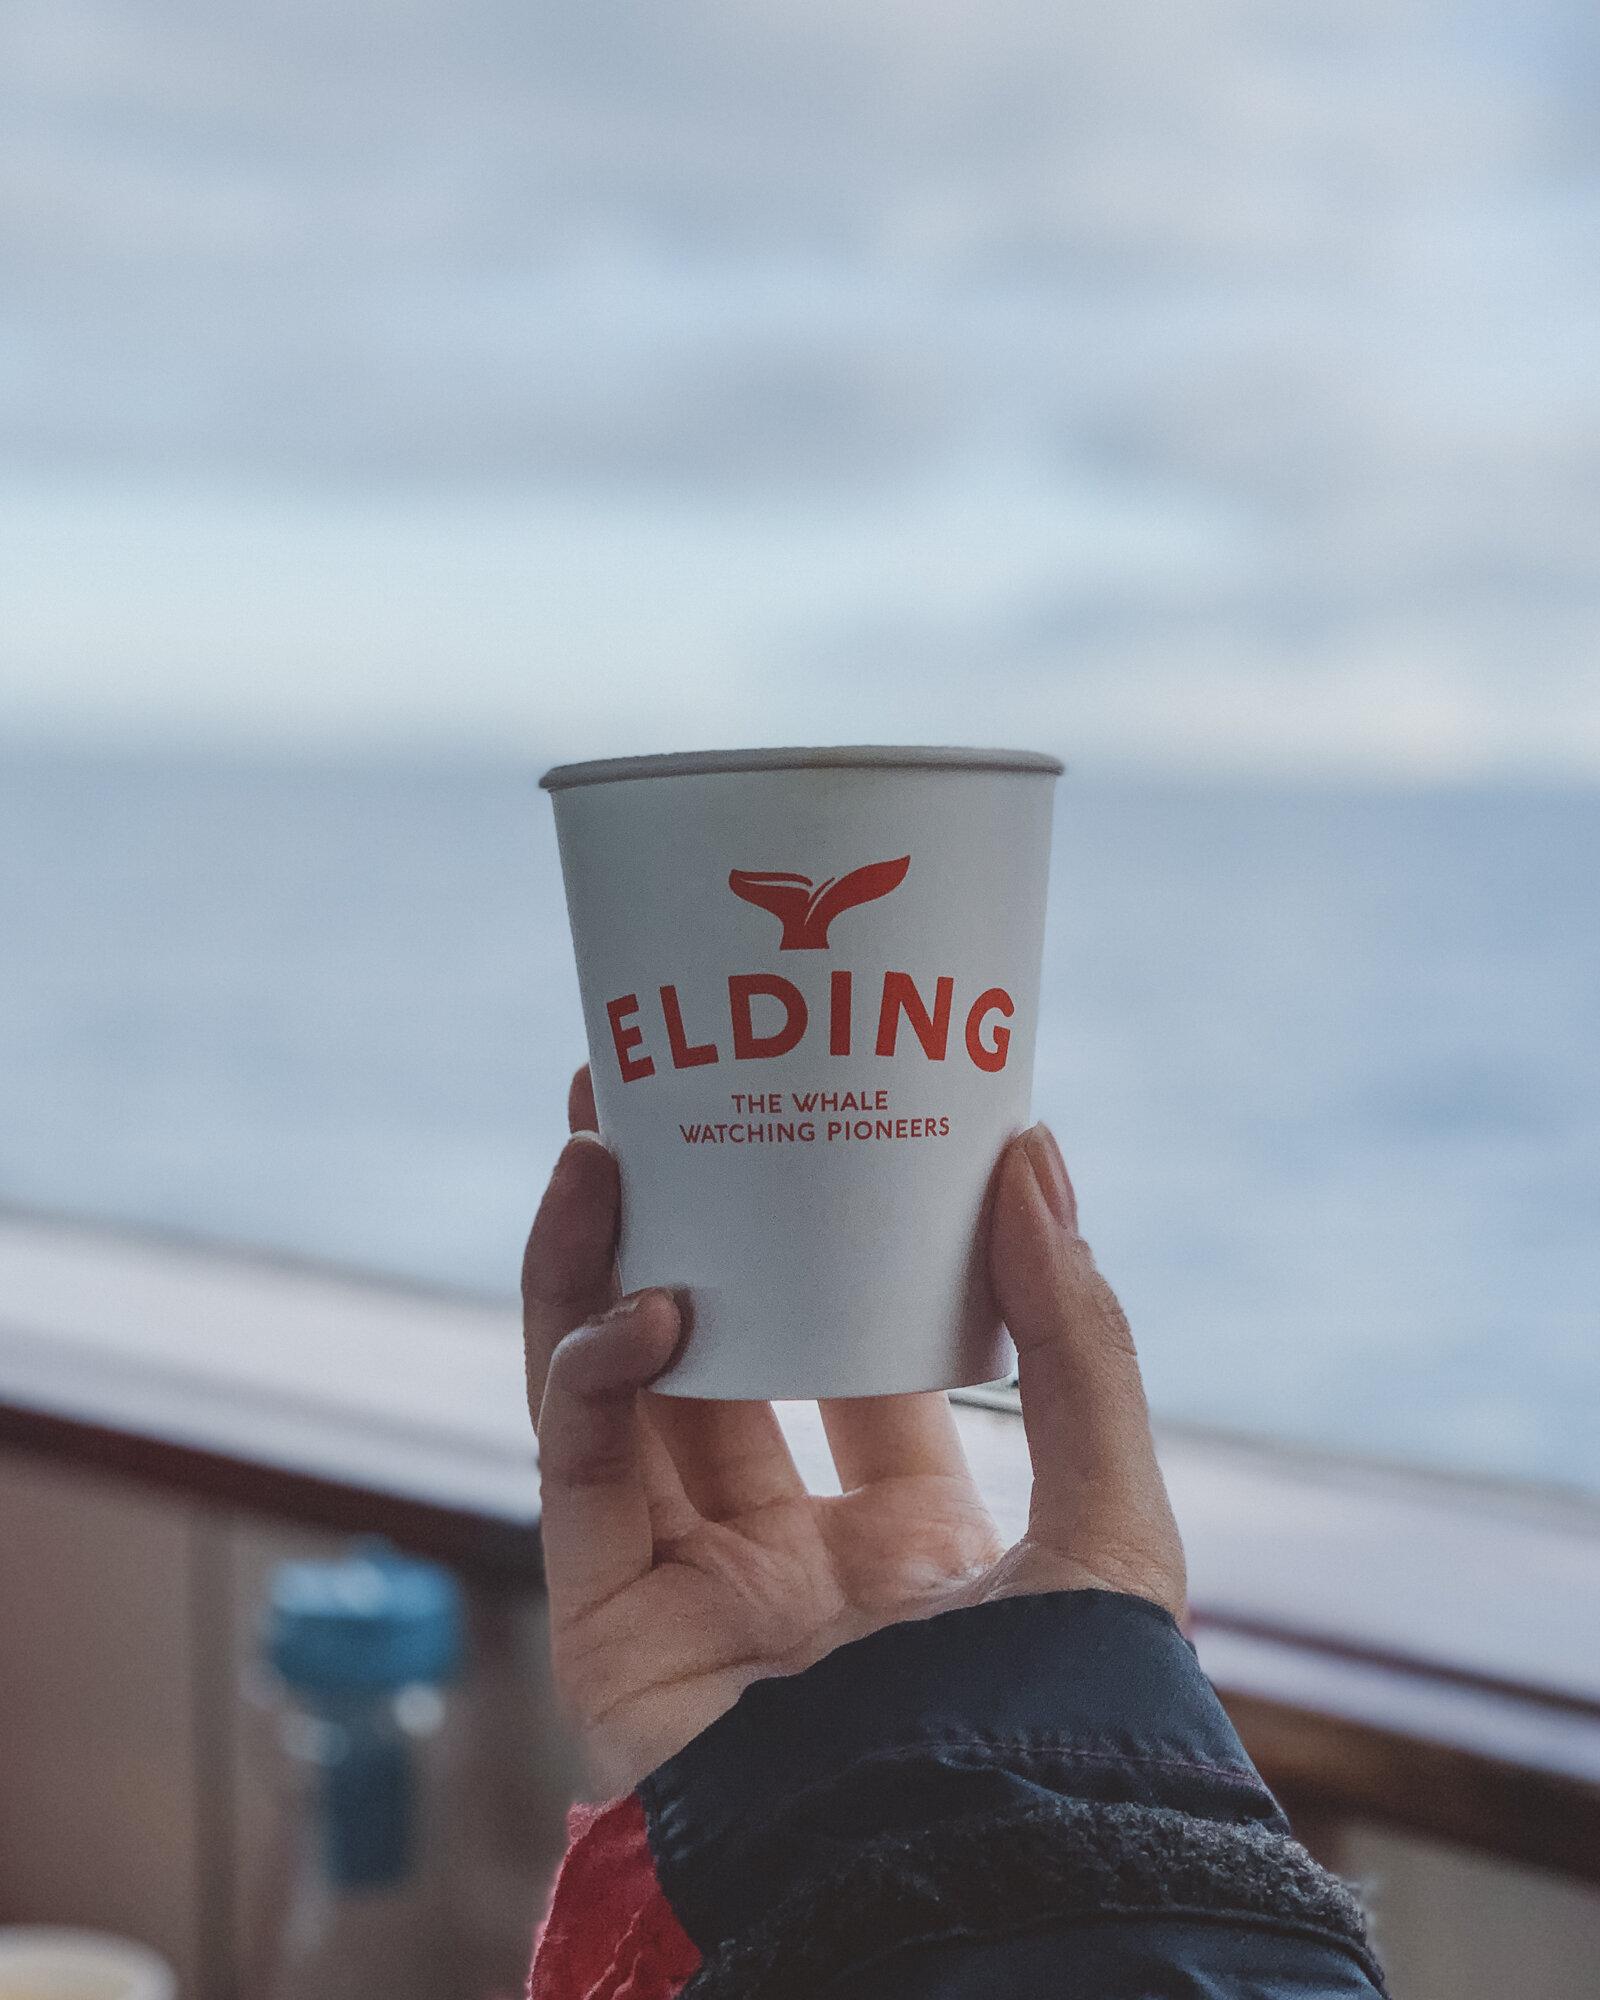 冰岛-雷克雅未克-埃尔丁-鲸鱼杯.jpg